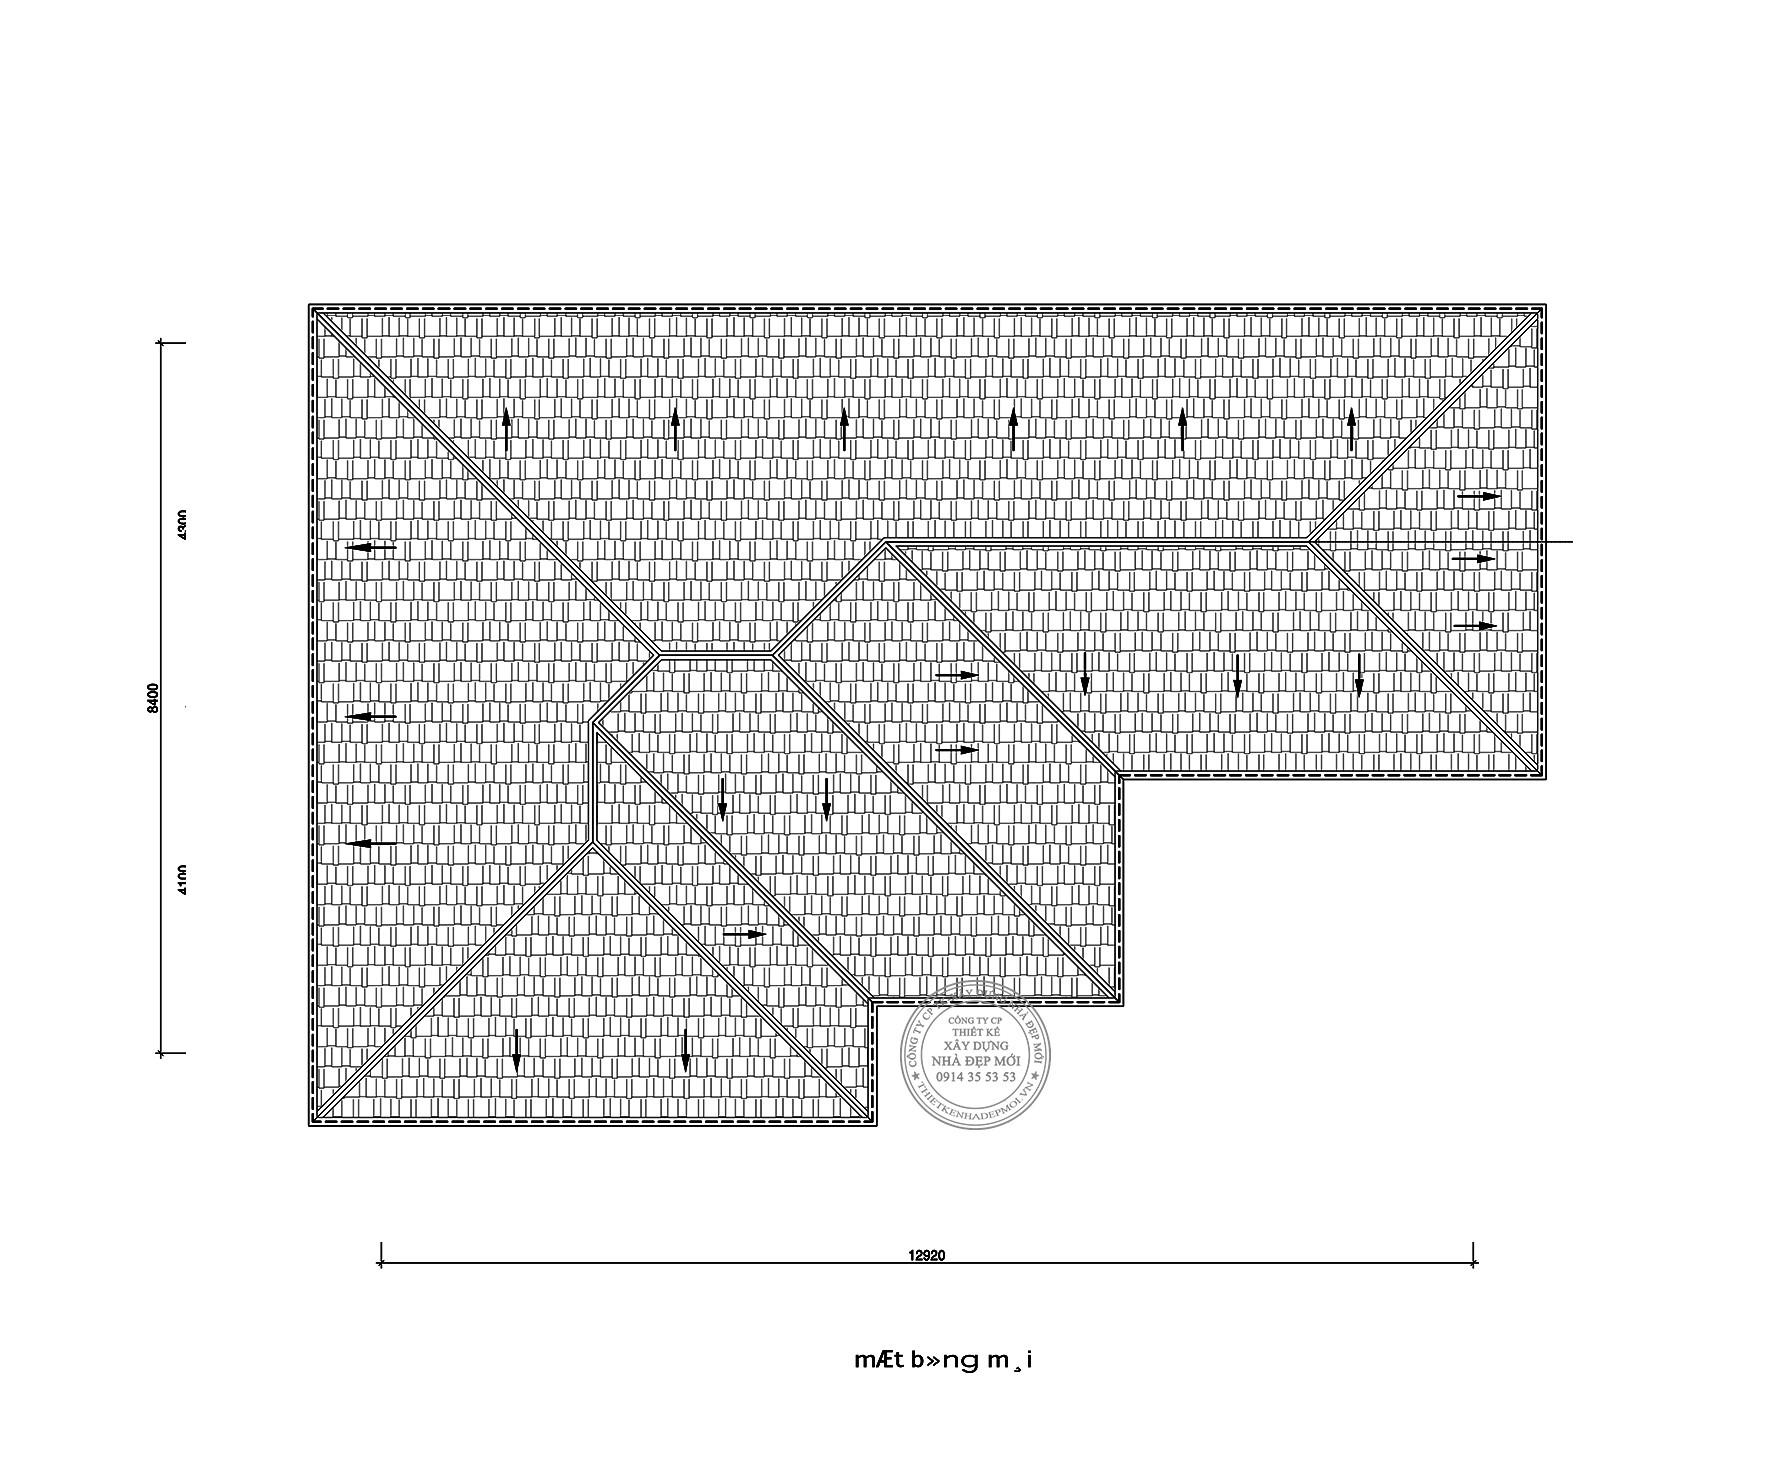 Bản vẽ mặt bằng mái của thiết kế biệt thự 2 tầng của Bác Hiền